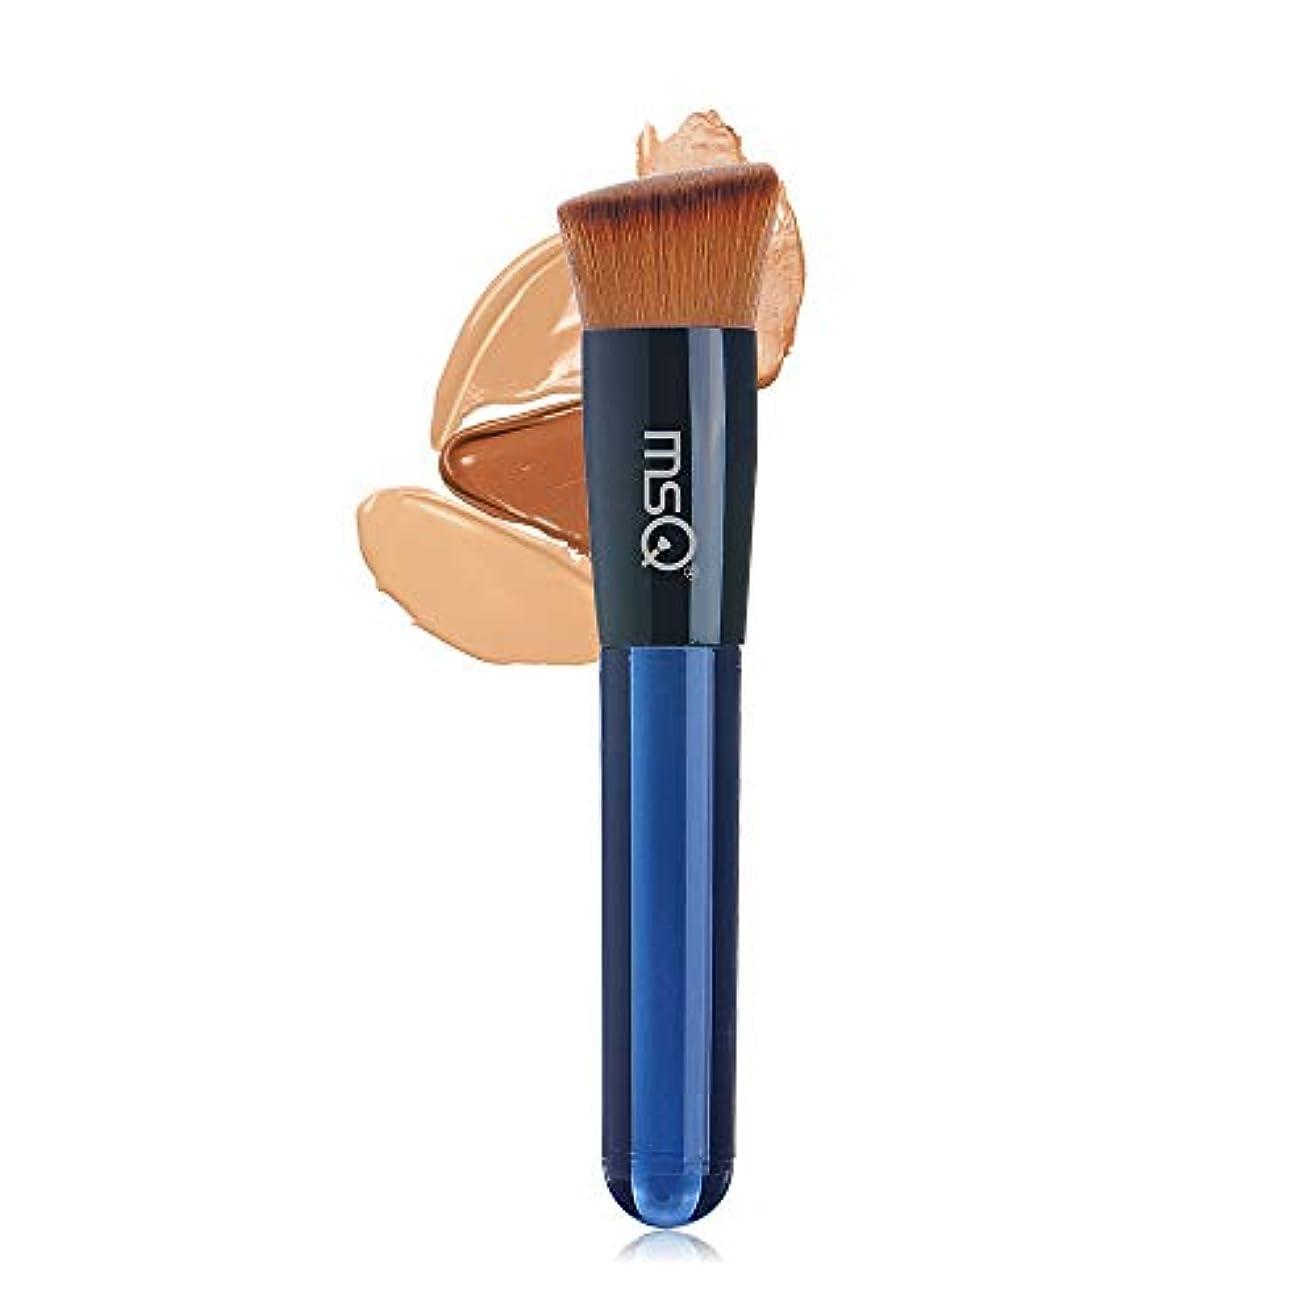 甘味カポック隣接するMSQ 化粧ブラシ 人気 メイクブラシ メイクアップブラシ 粧ブラシ 可愛い 化粧筆 肌に優しい ファンデーシ (ファンデーションブラシ)